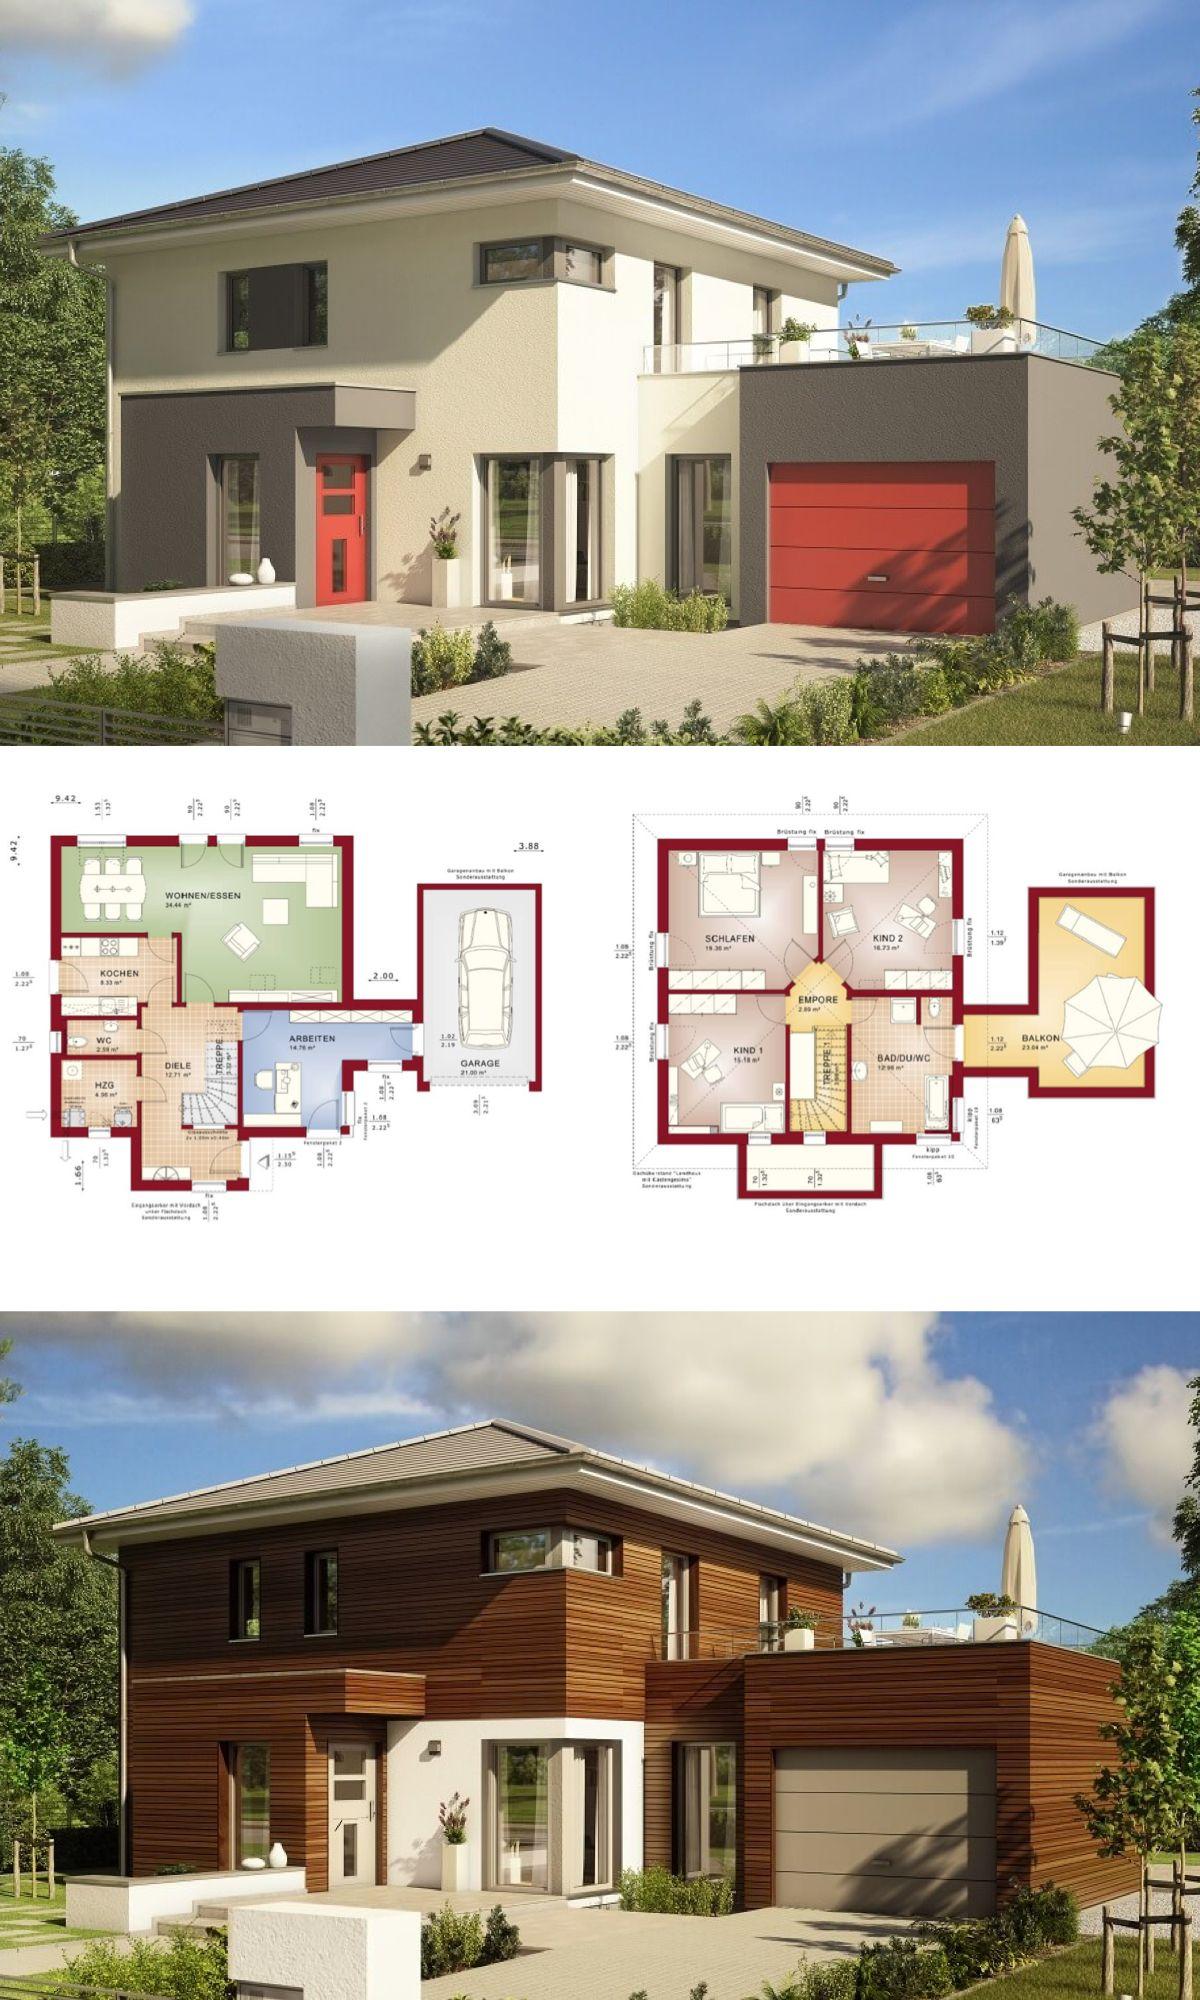 Moderne stadtvilla haus evolution 143 v12 bien zenker for Haus grundriss mit garage